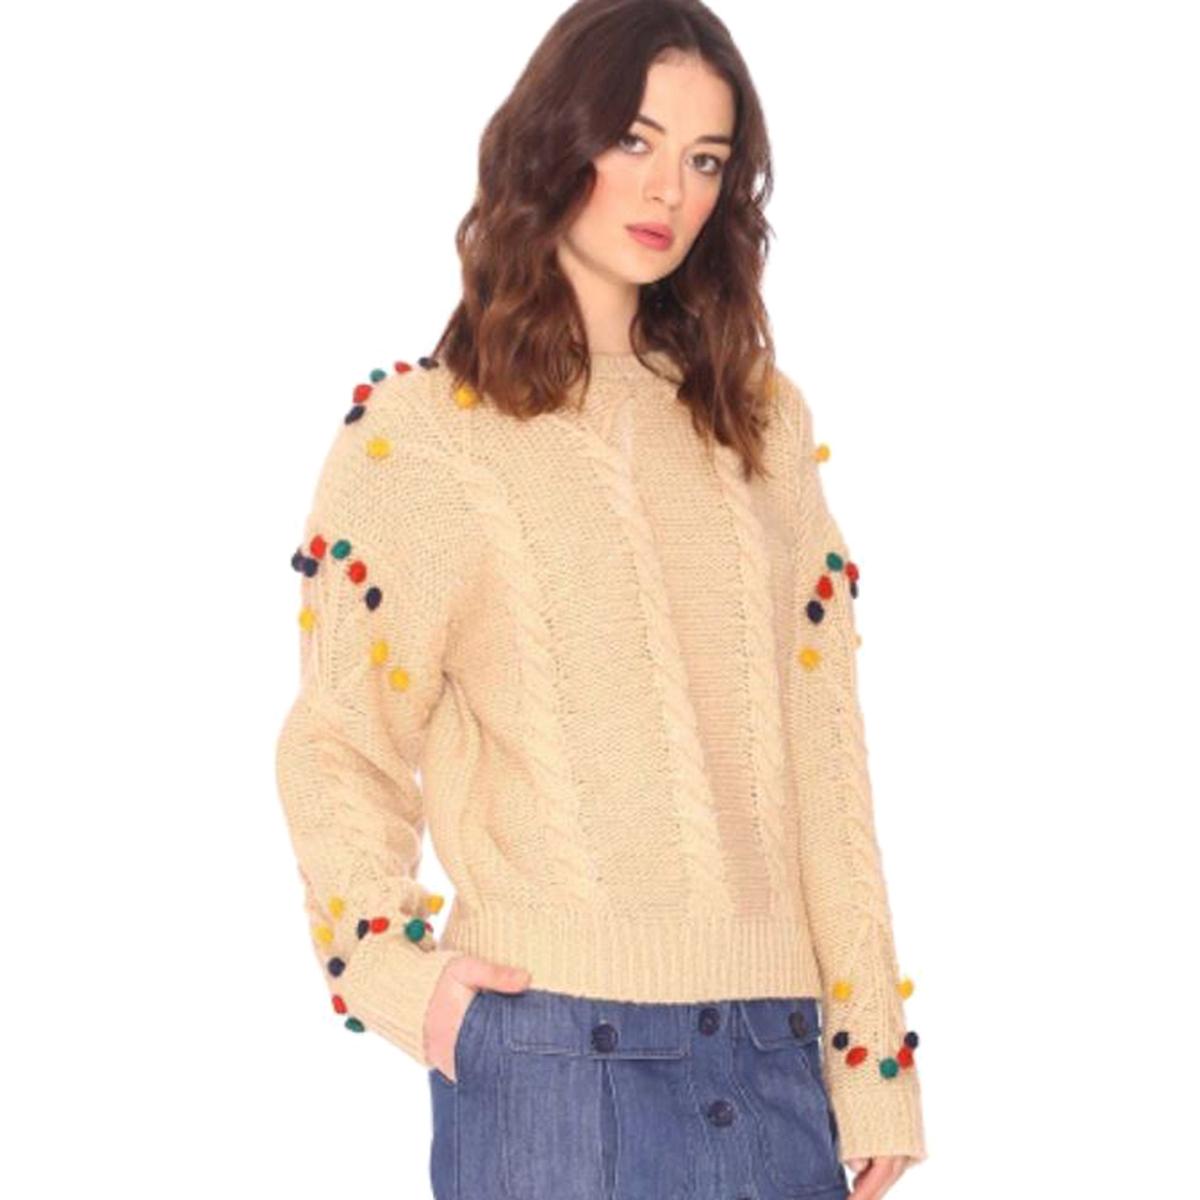 Sweter z okrągłym dekoltem, gruby splot